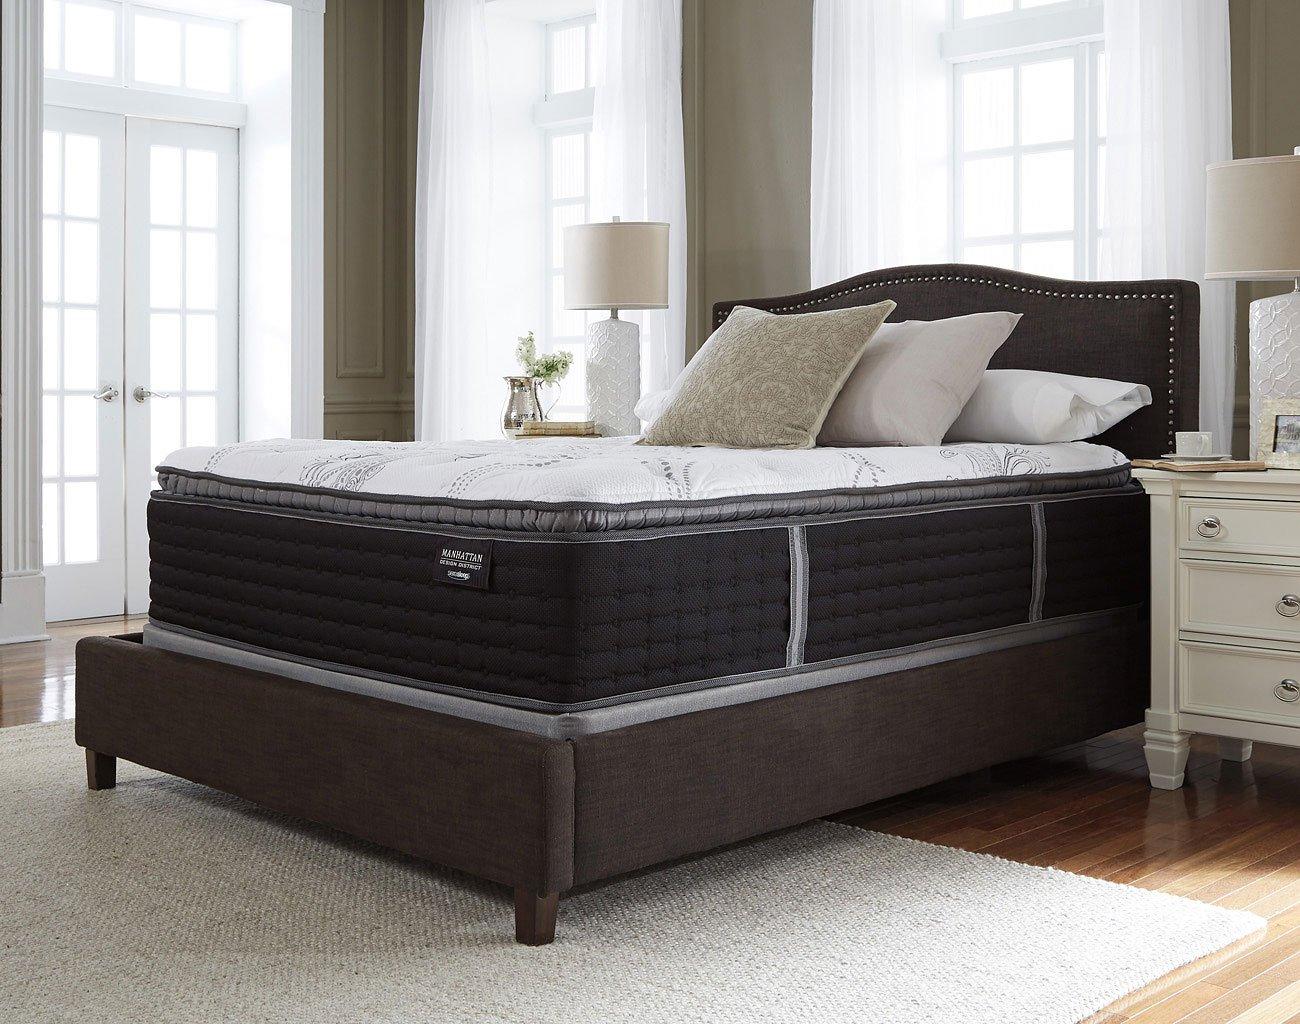 Manhattan Design District Firm Pillow Top Mattress Sierra